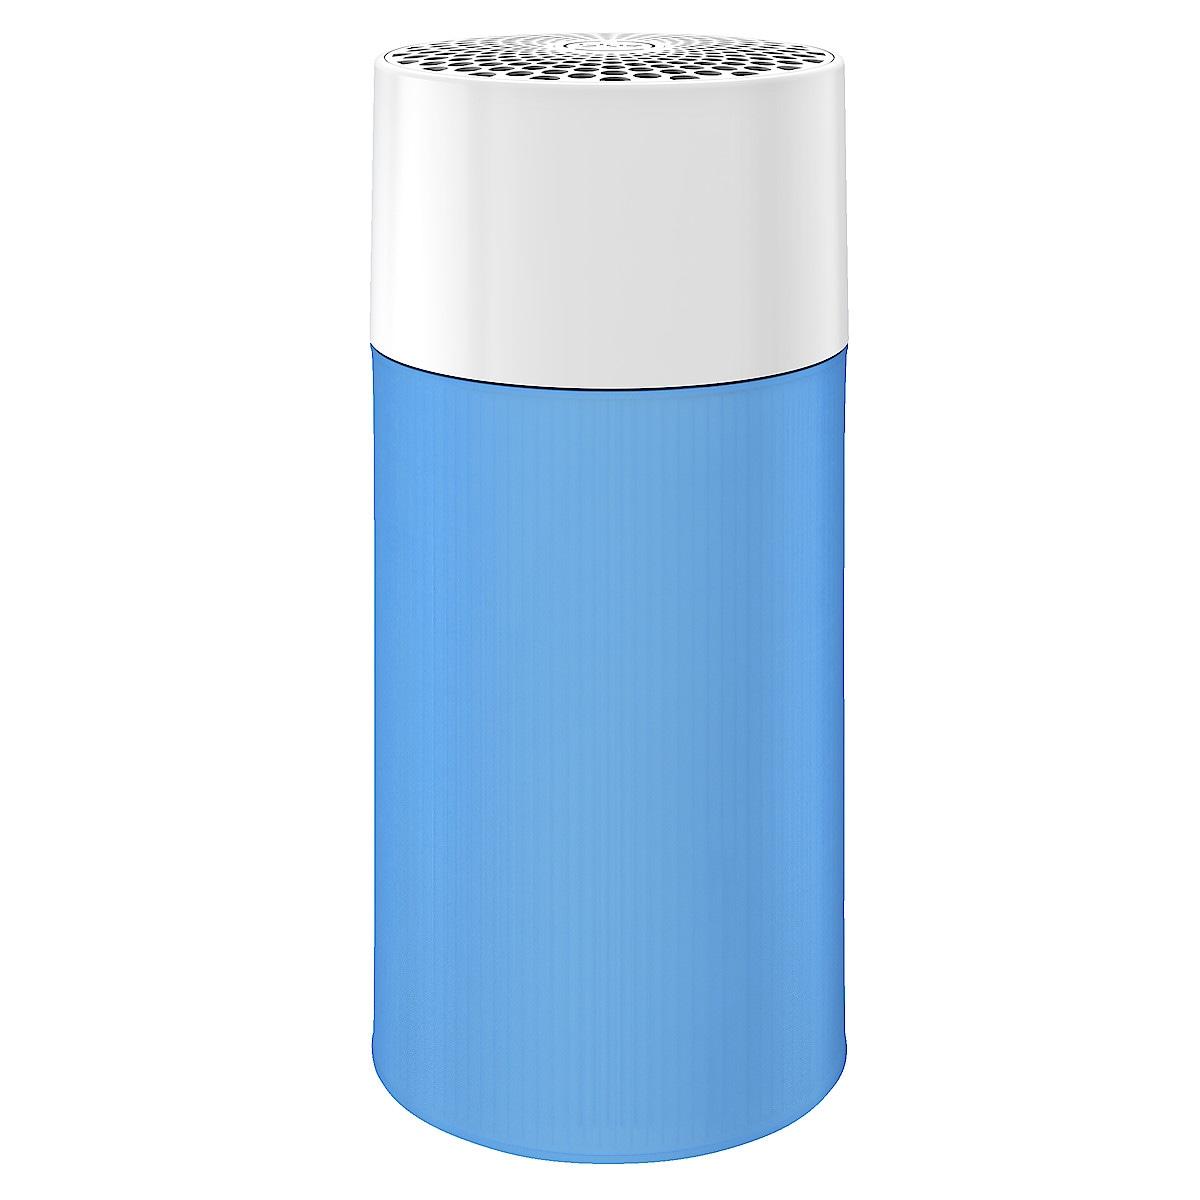 Vorfilter für Blueair Blue Pure 411